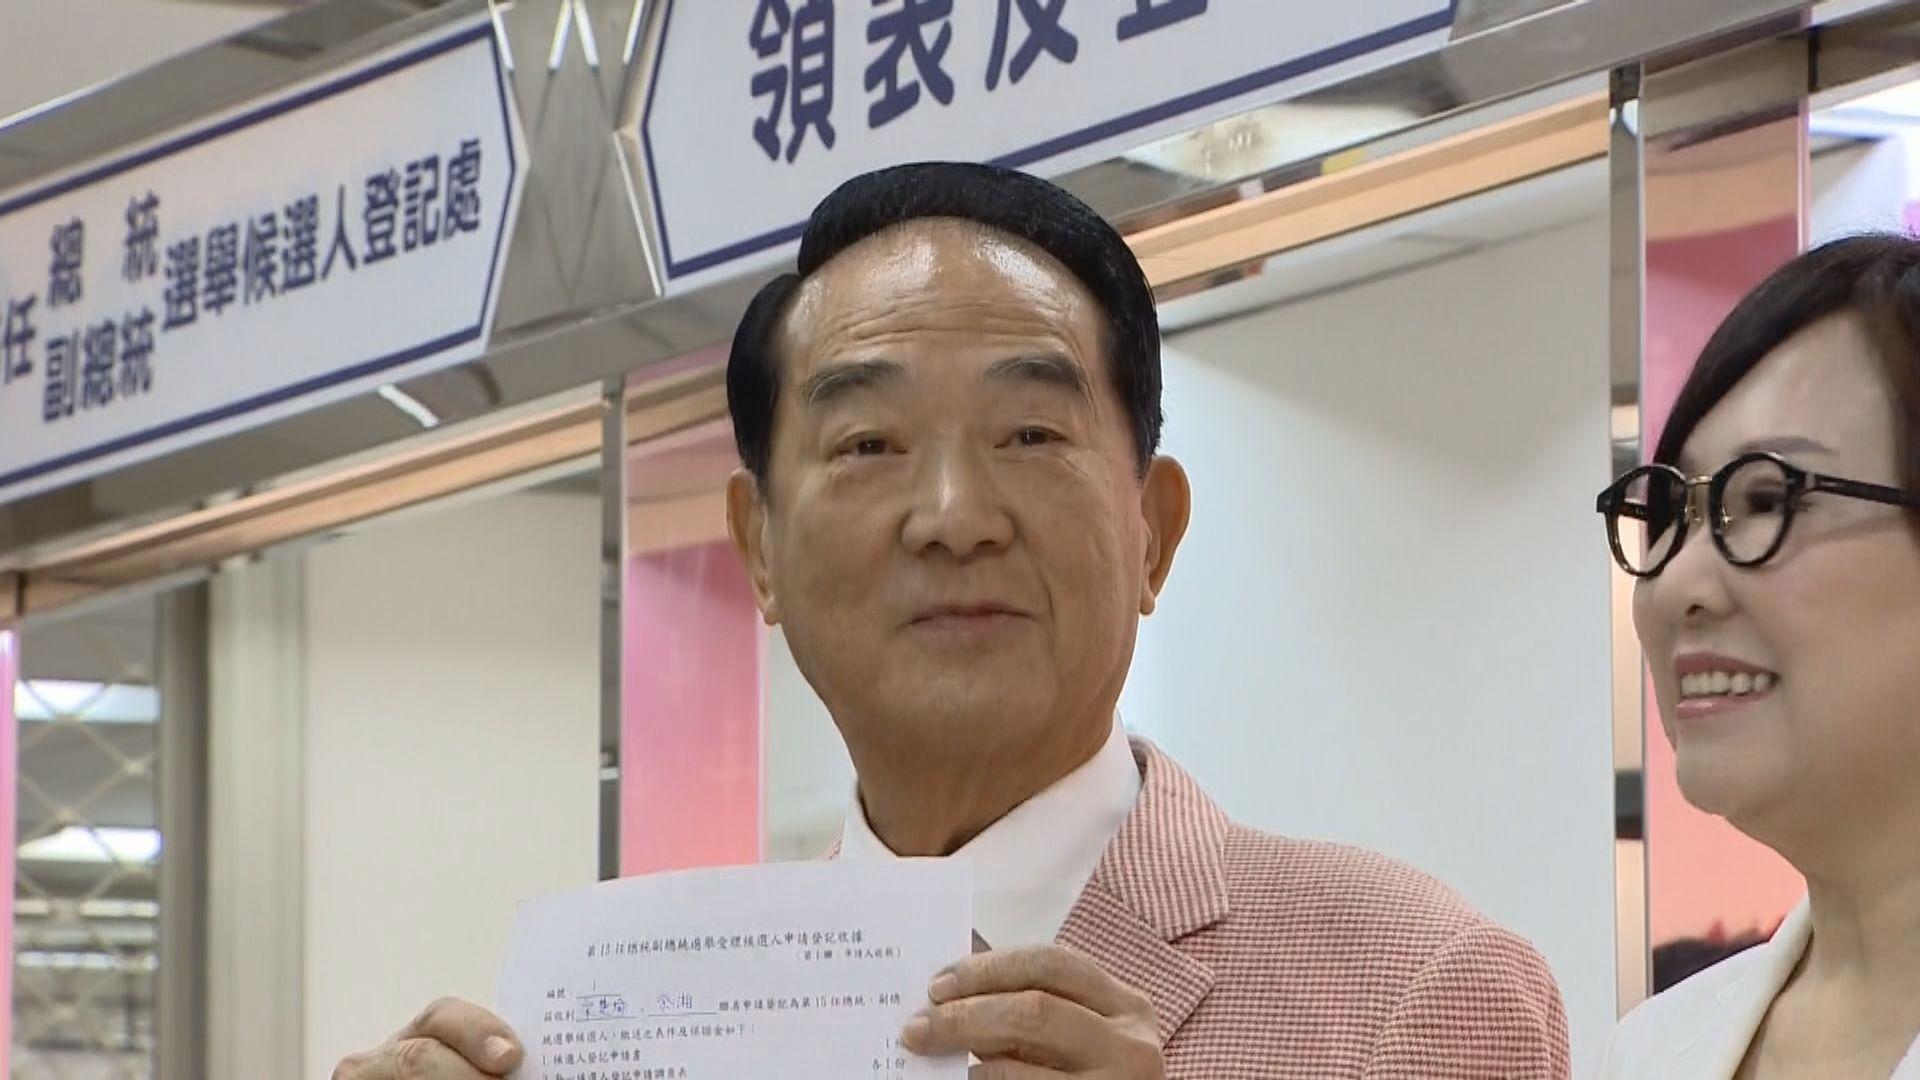 分析指宋楚瑜參選為爭取政黨補助款